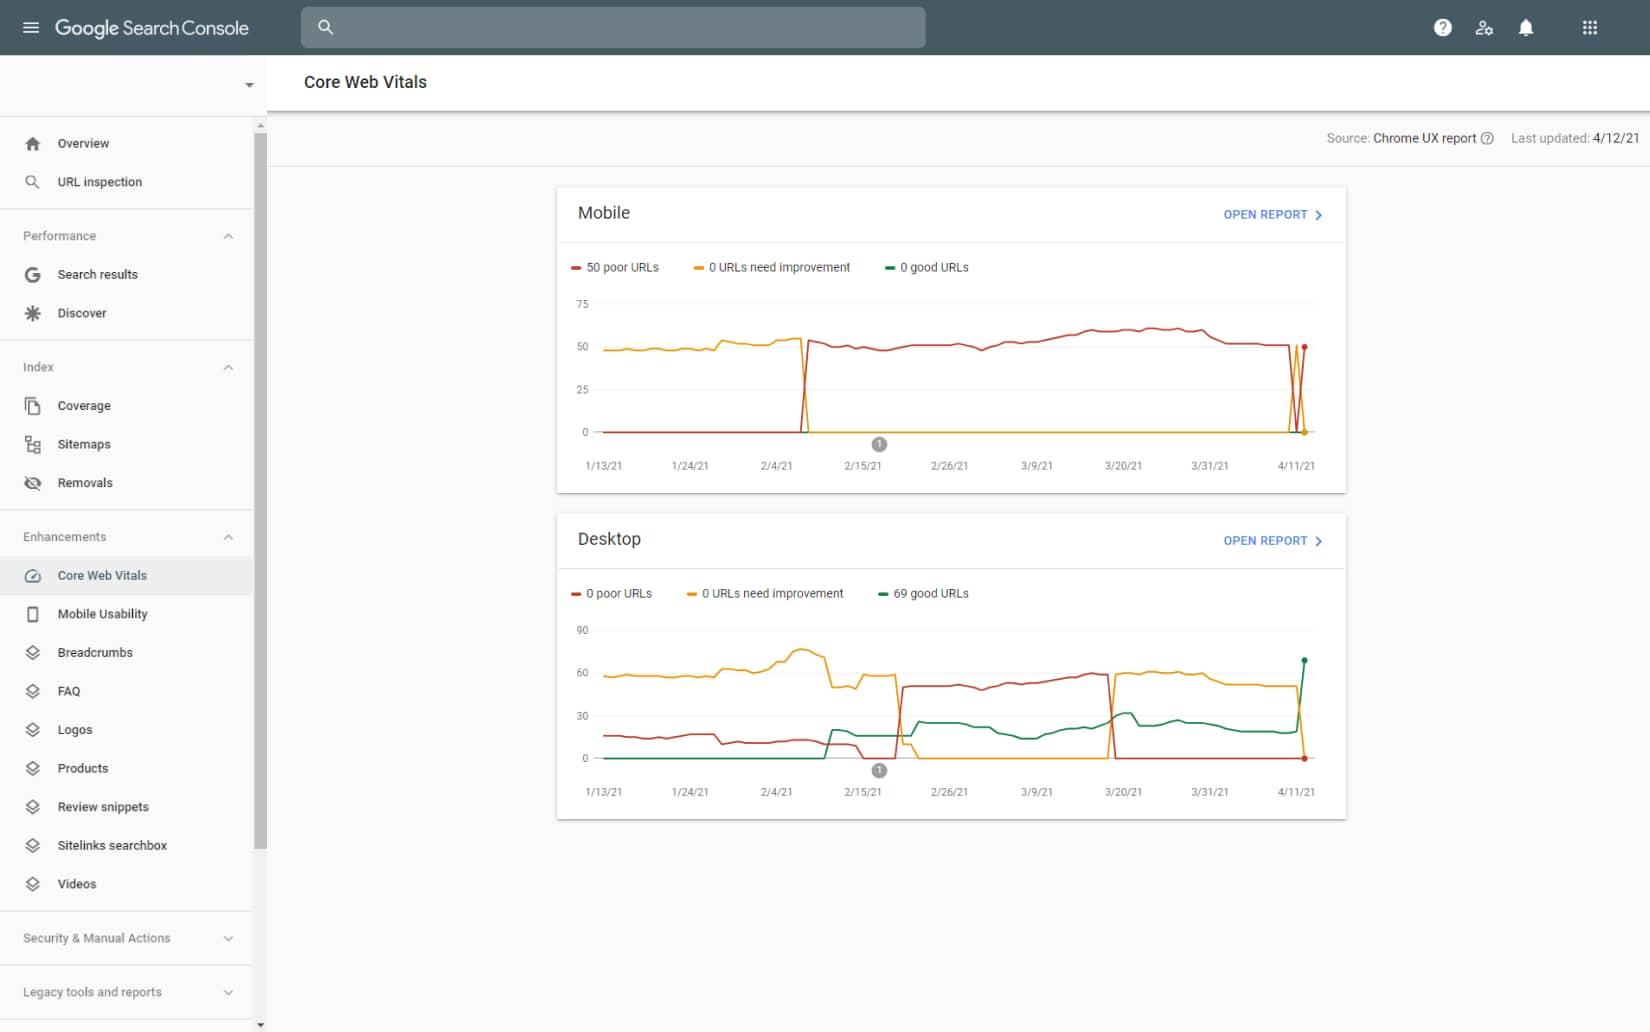 Google Searrch Cnsole to measure Core Web Vitals